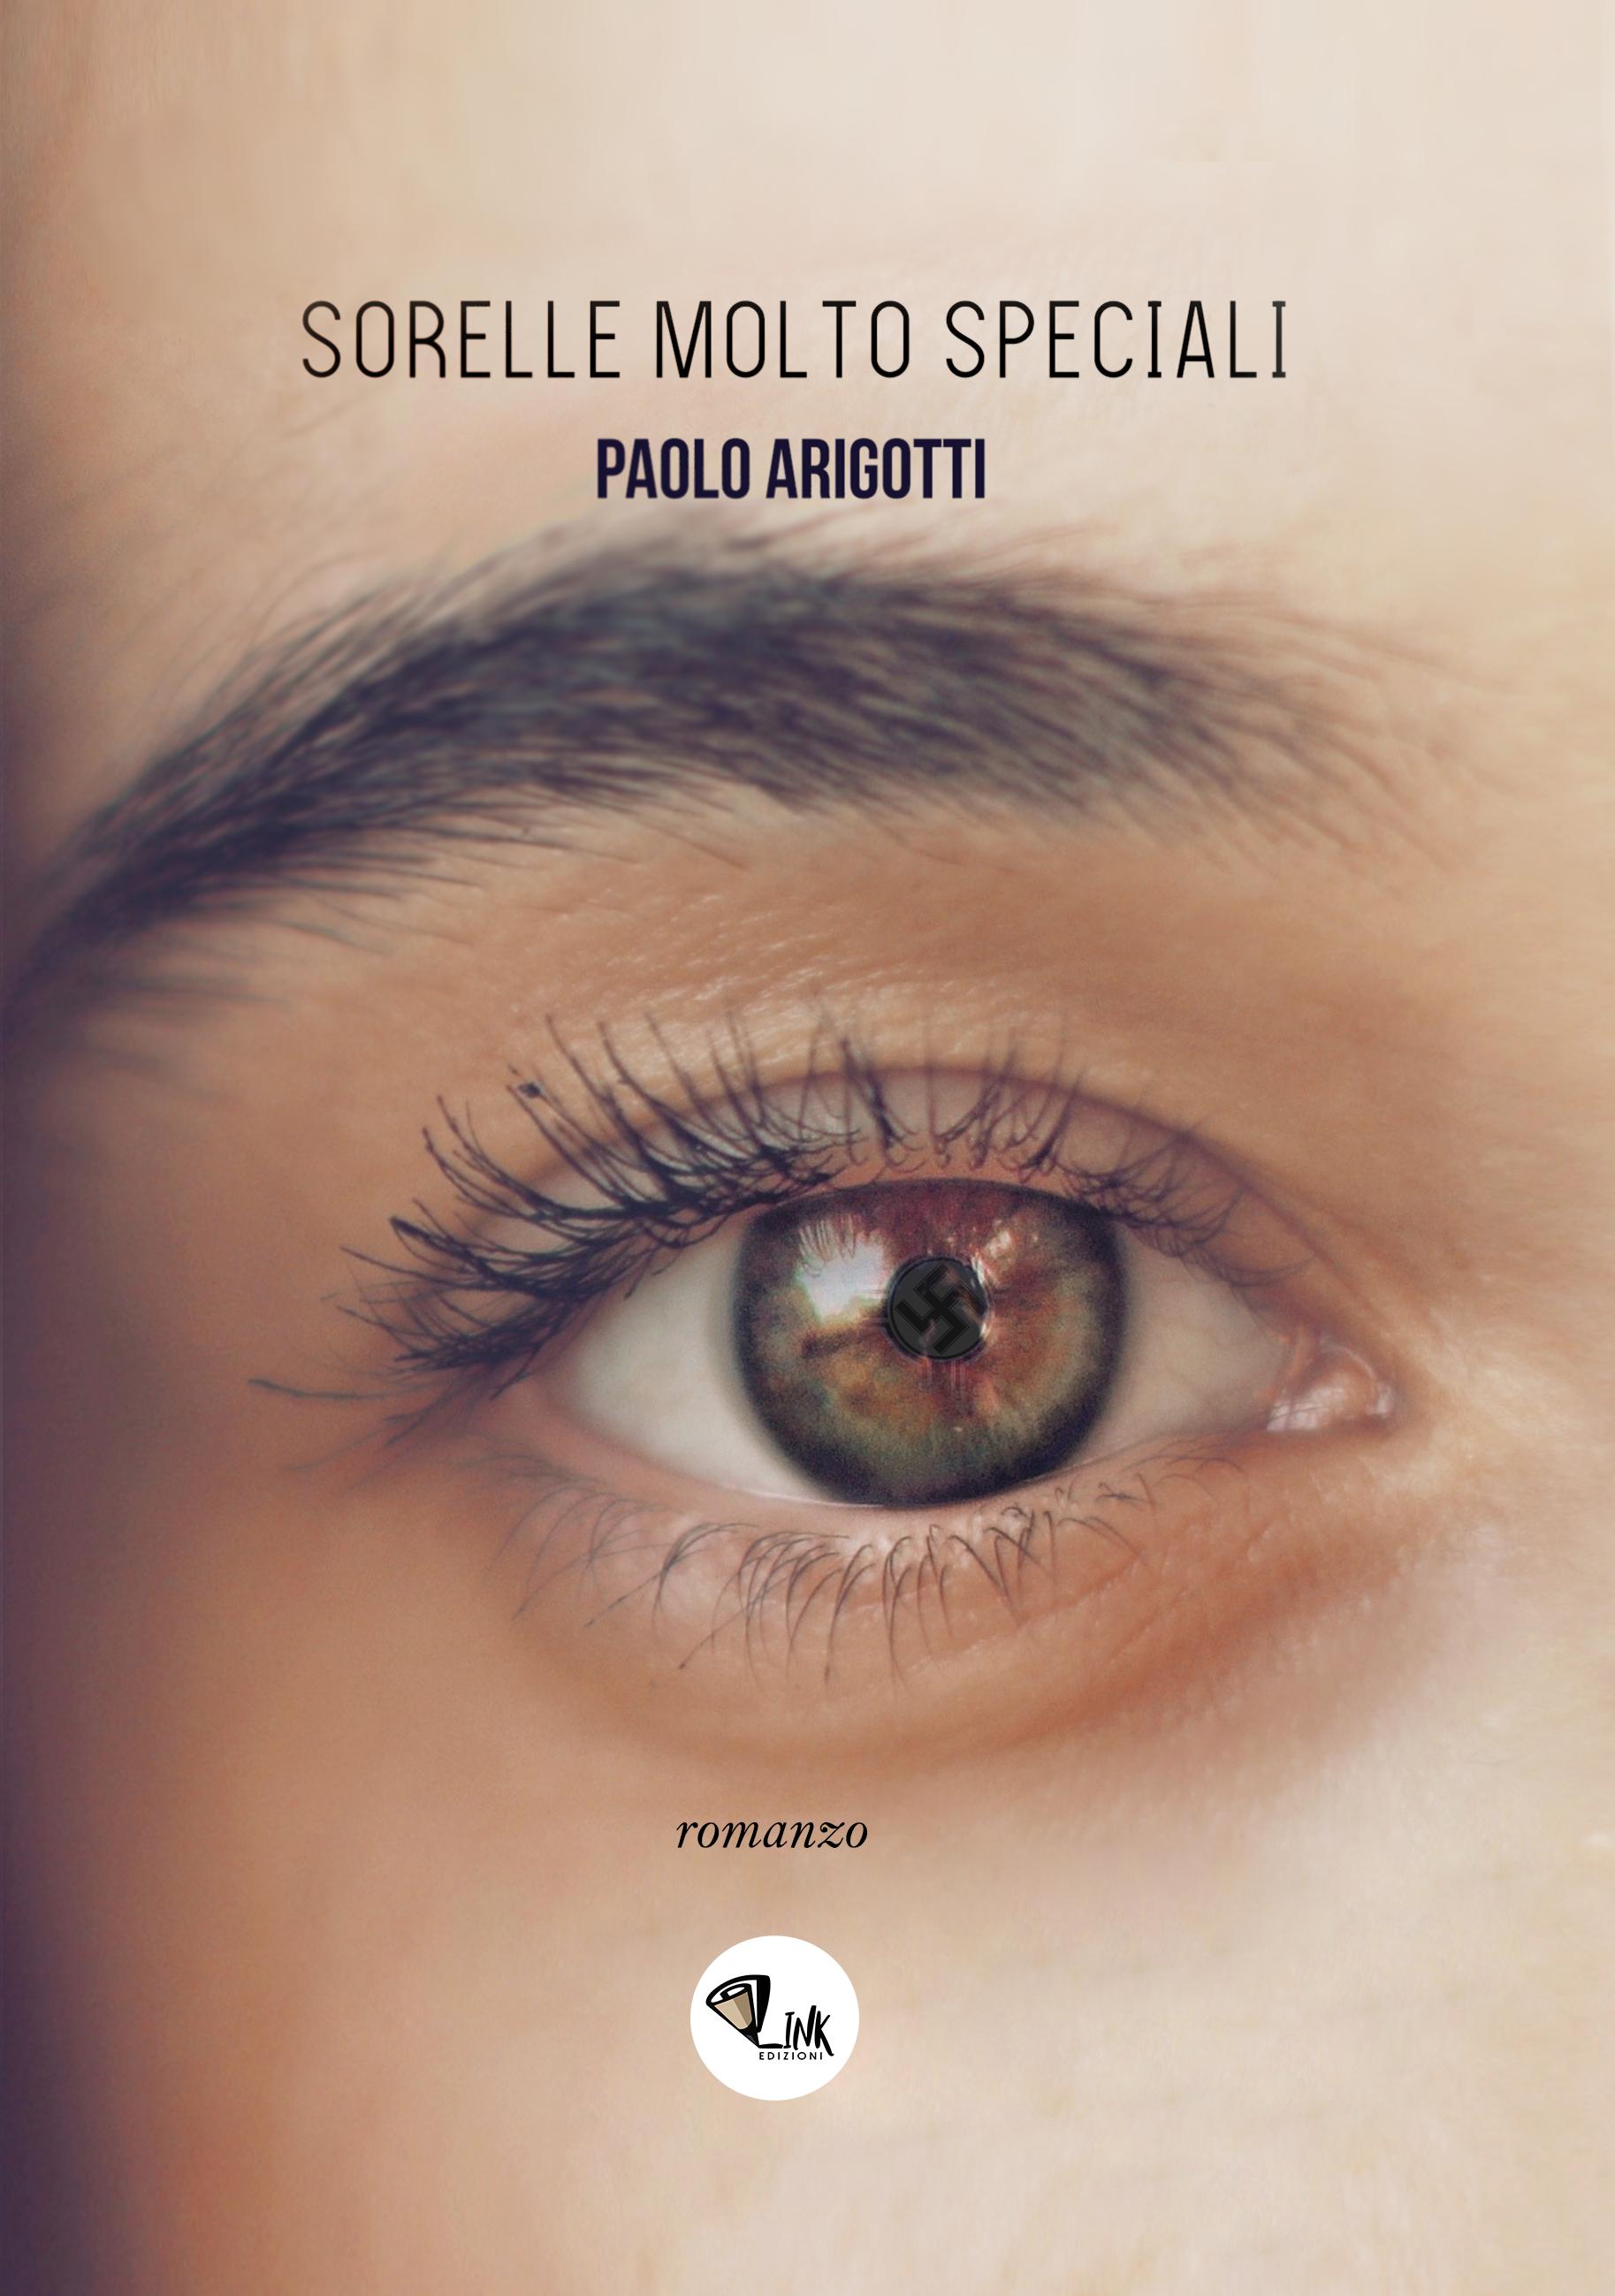 copertina - Sorelle molto speciali lato1